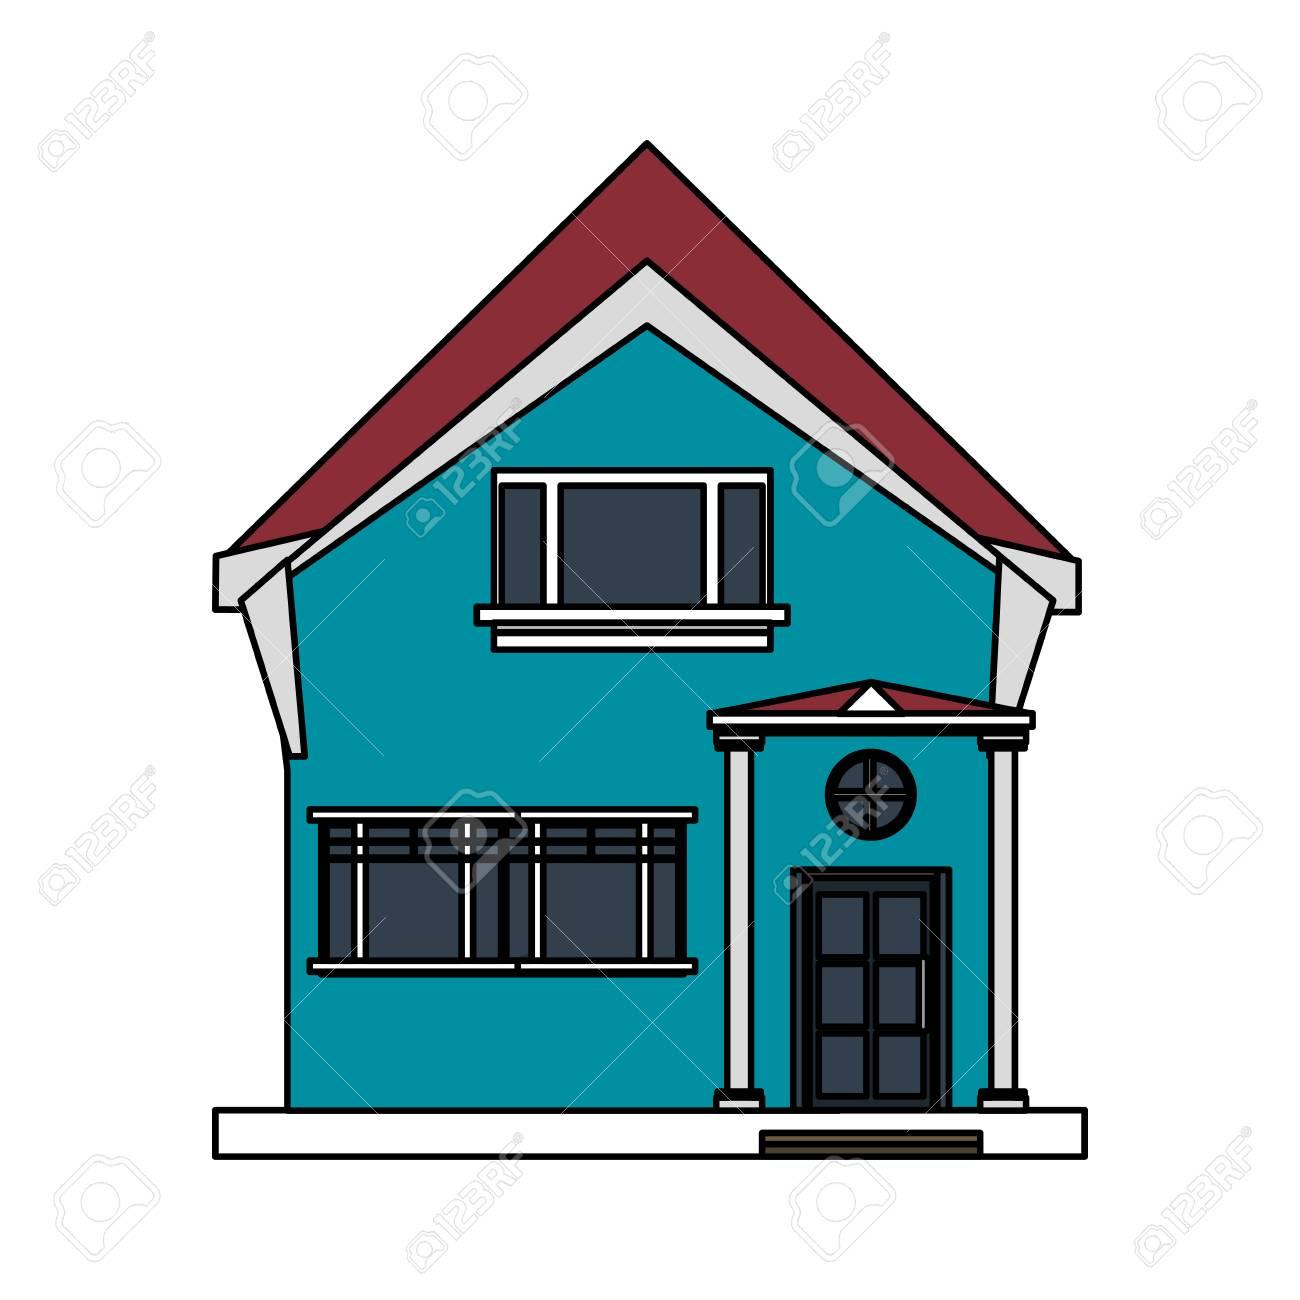 Bunte Bild Cartoon Fassade Unregelmäßige Struktur Haus Mit Modernen ...